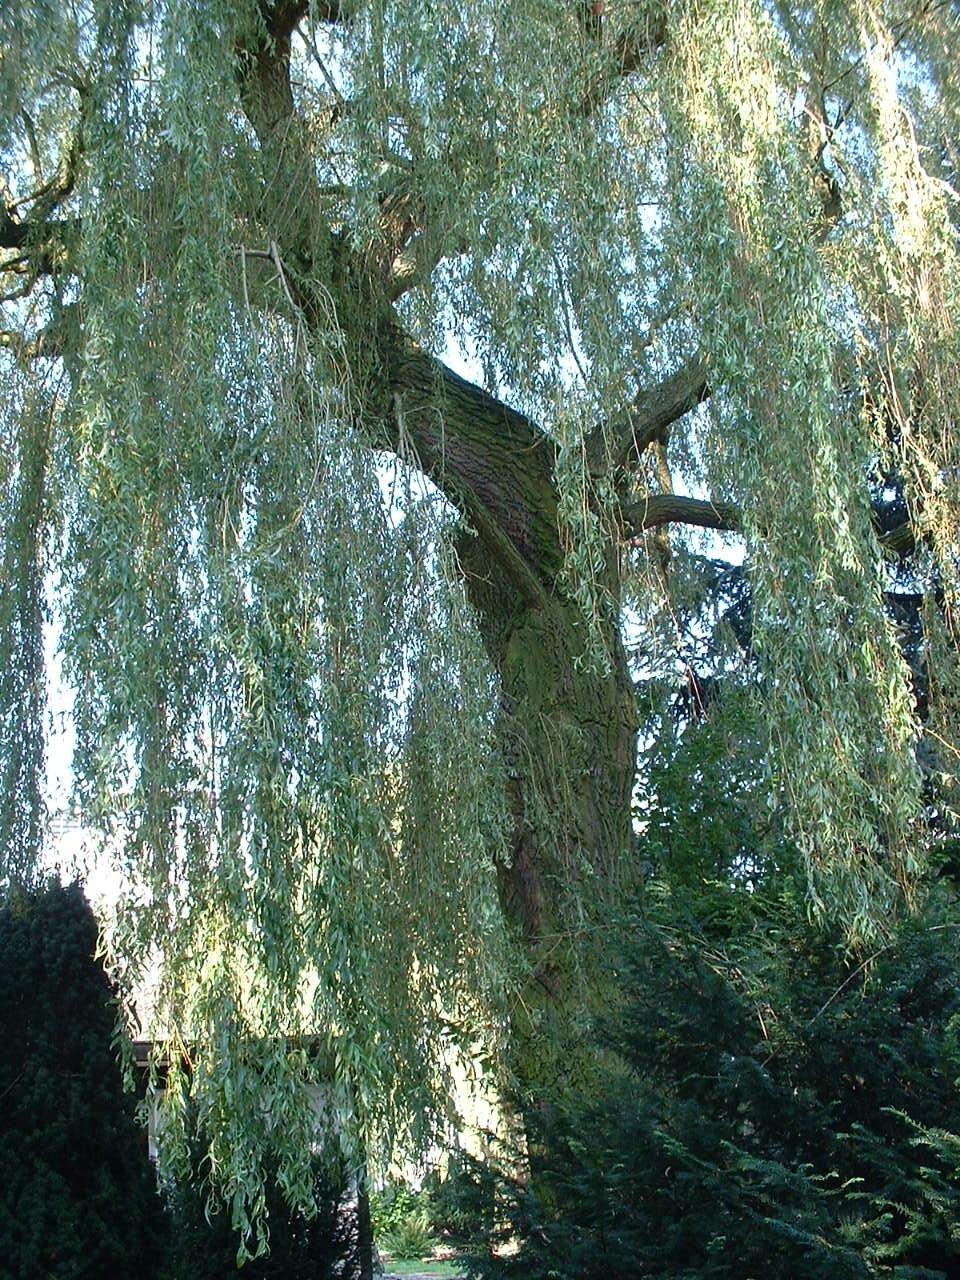 Saule pleureur – Evere, Avenue des Communautés, 3 –  13 Août 2002